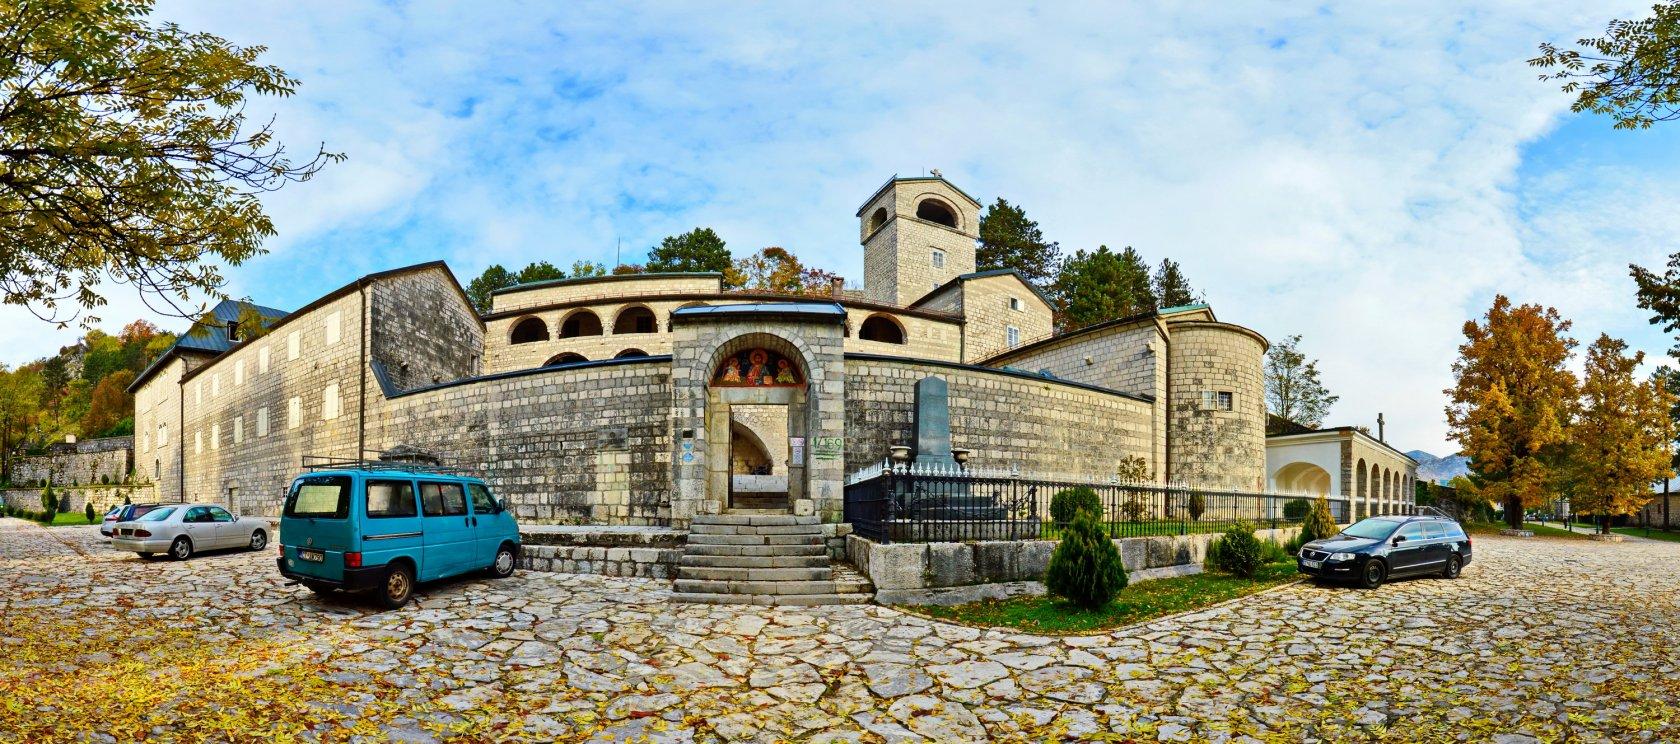 фото монастырь цетинье, цетиньский монастырь, фото город цетинье, экскурсии по черногории